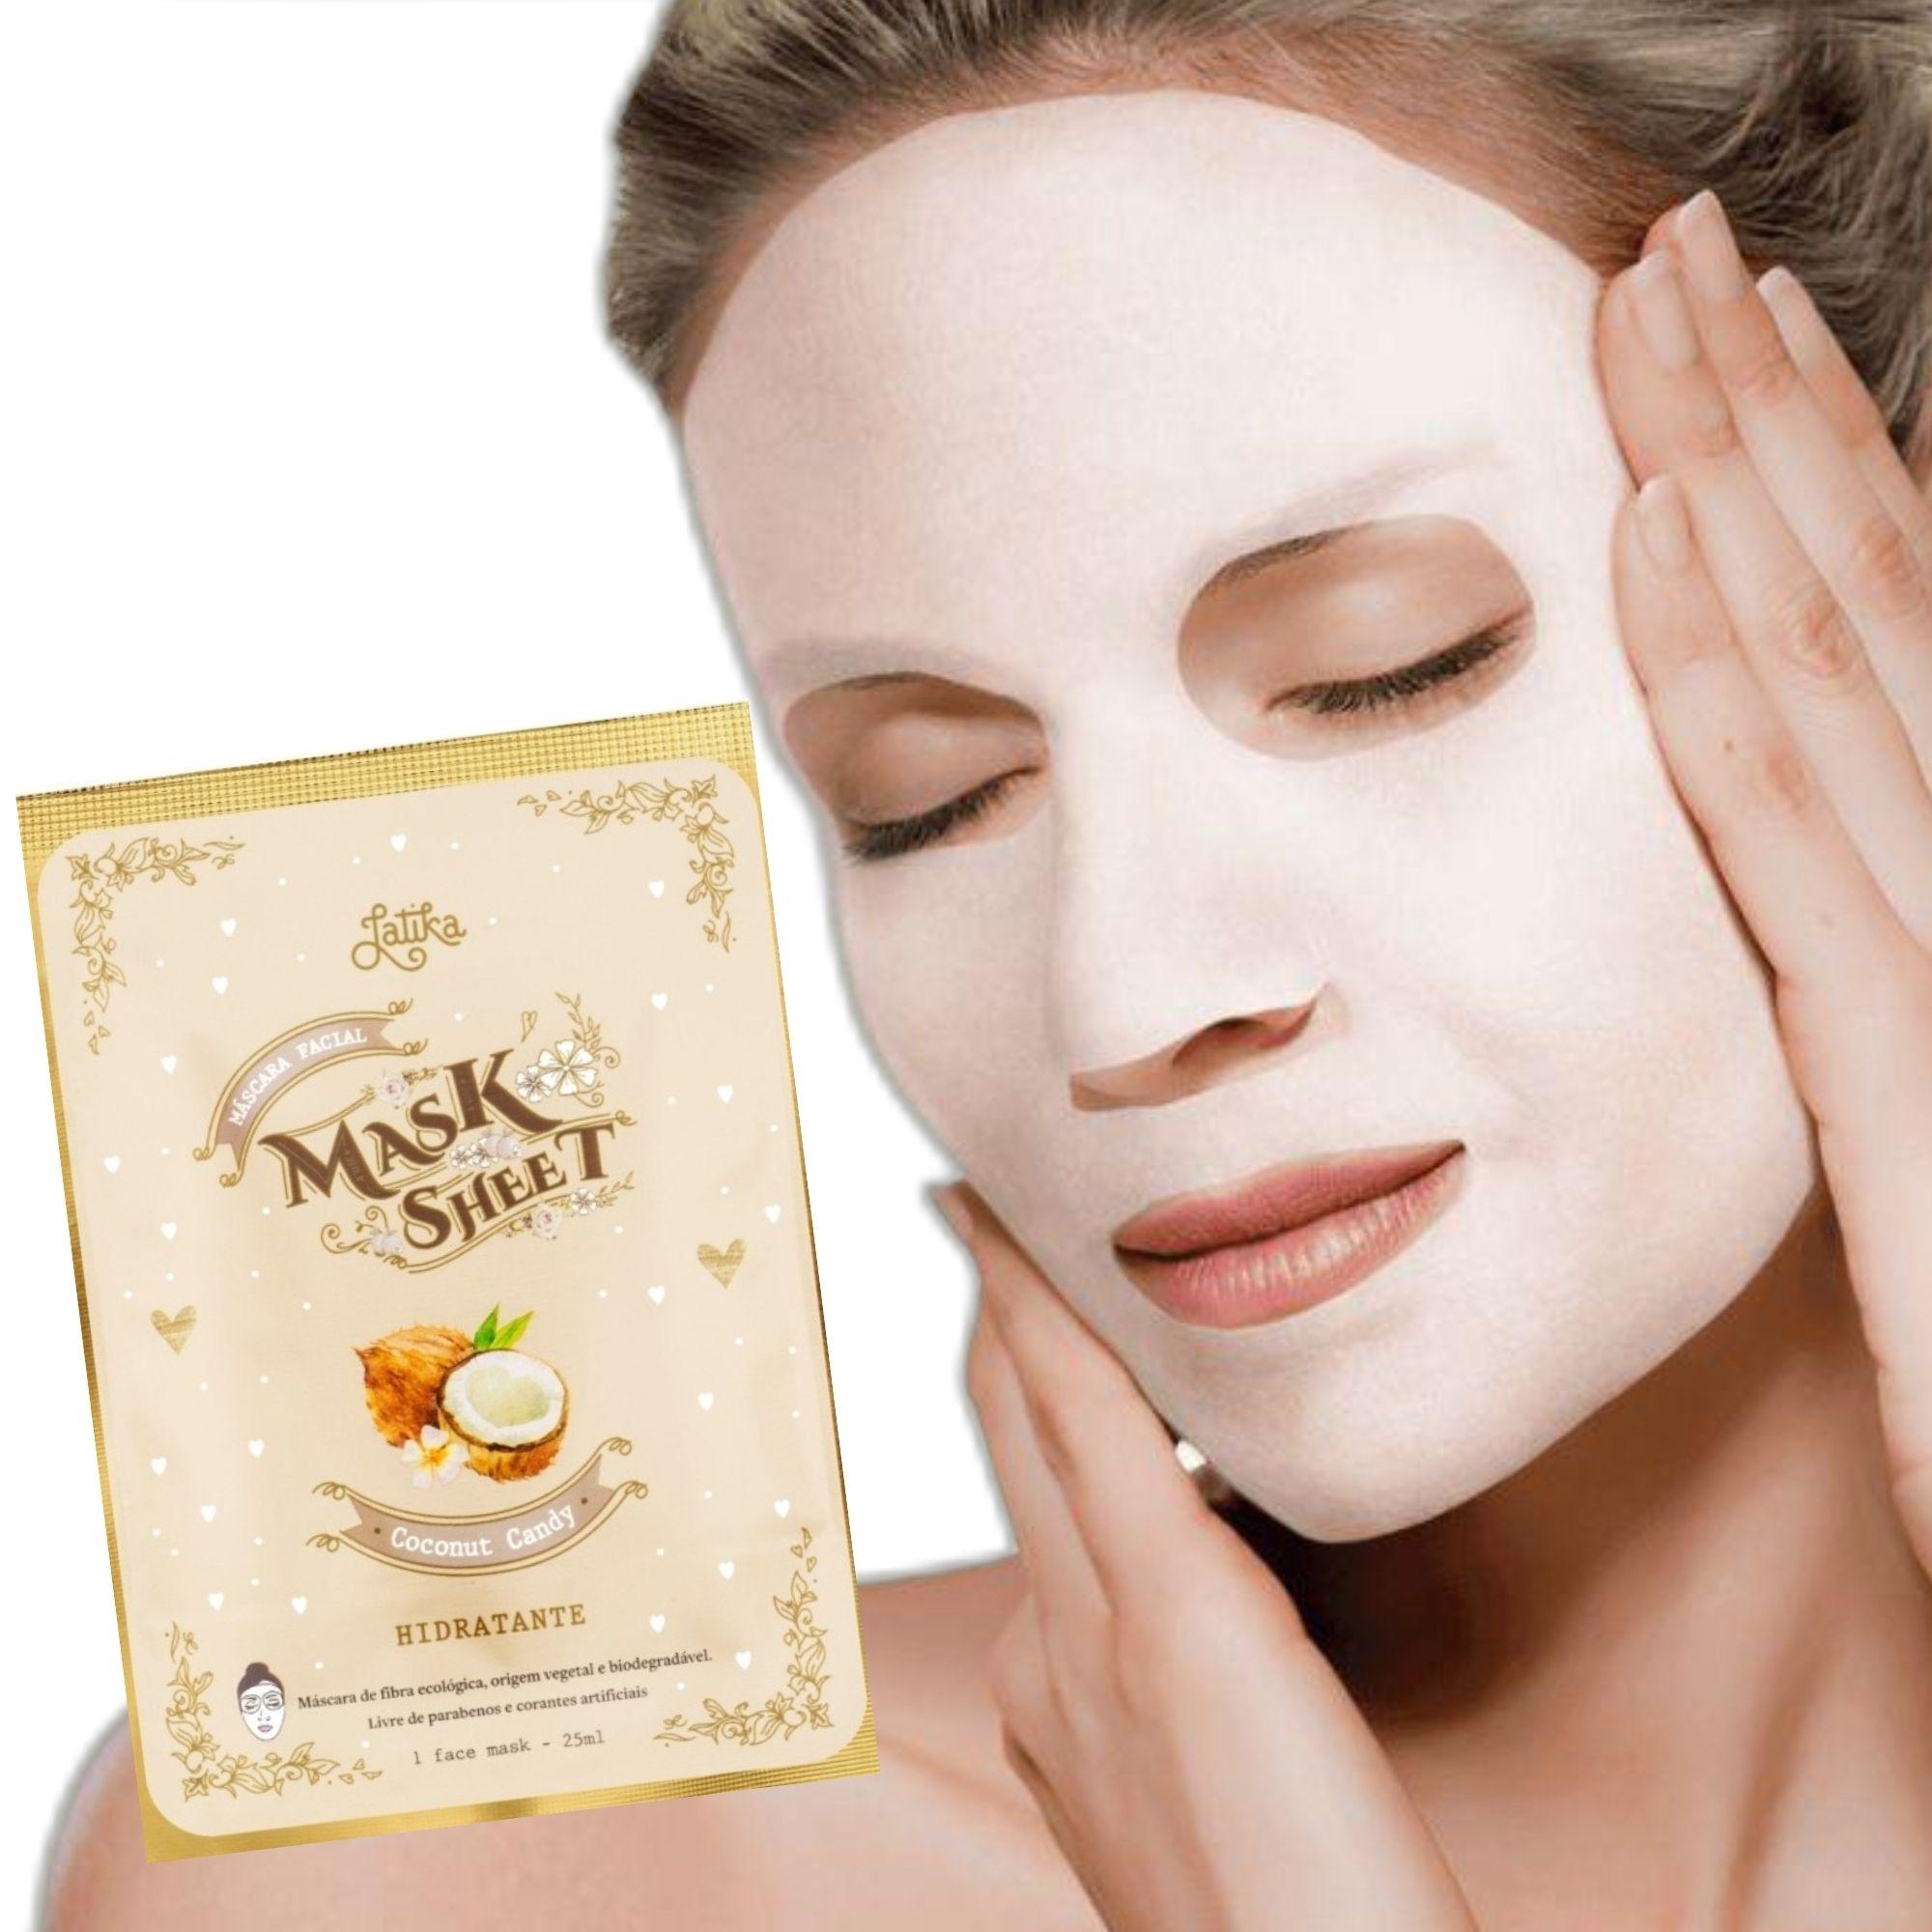 Máscara Facial Latika Mask Sheet Coconut Candy  25ml